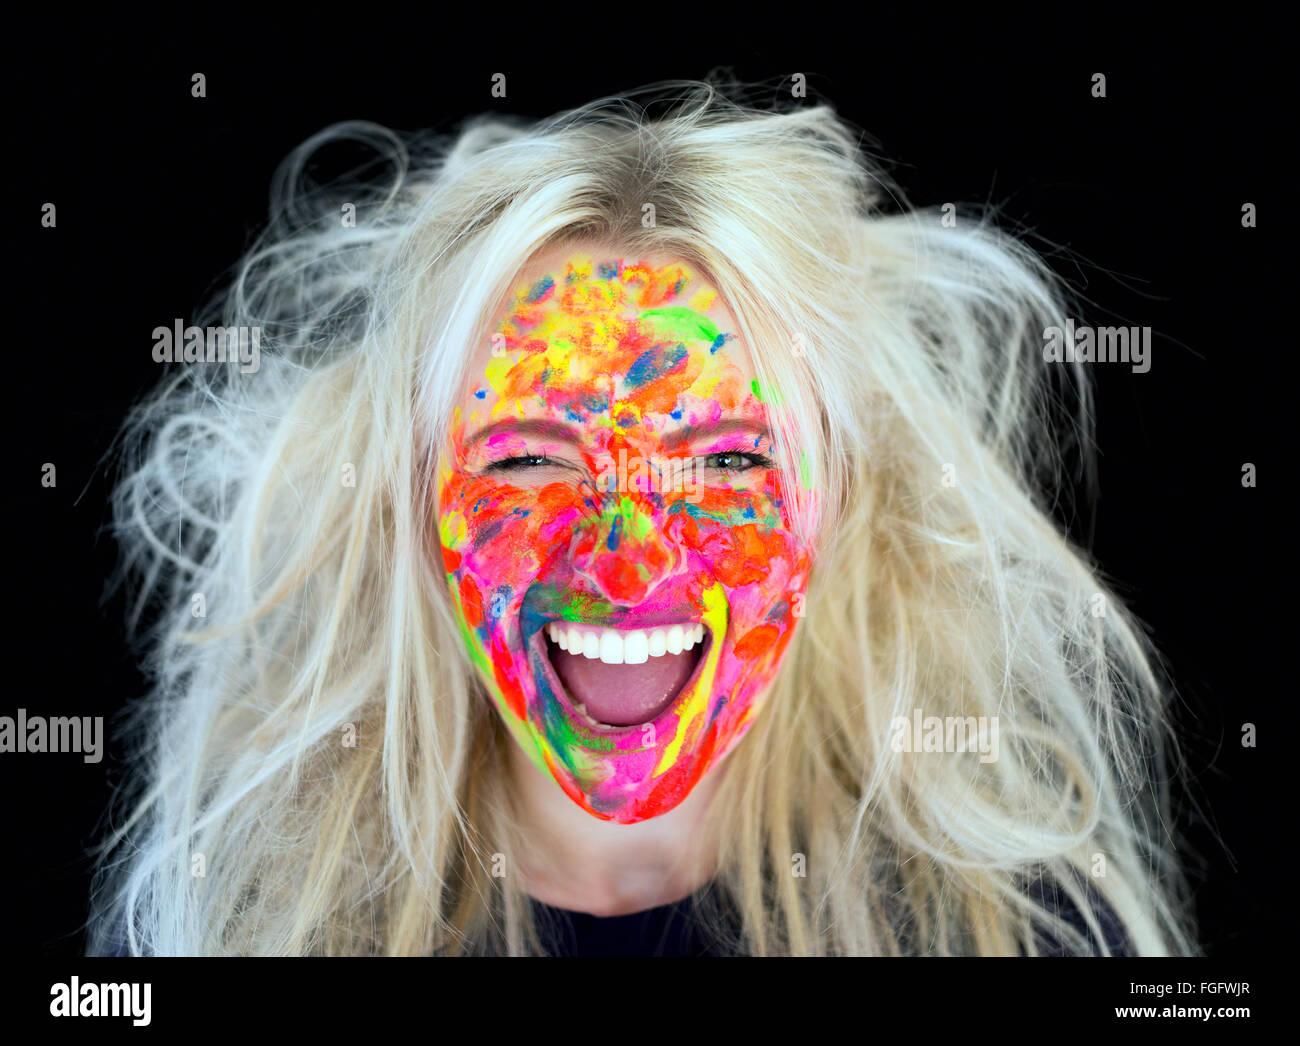 Femme aux cheveux blonds en désordre à visage couvert de peinture multicolores laughing Photo Stock